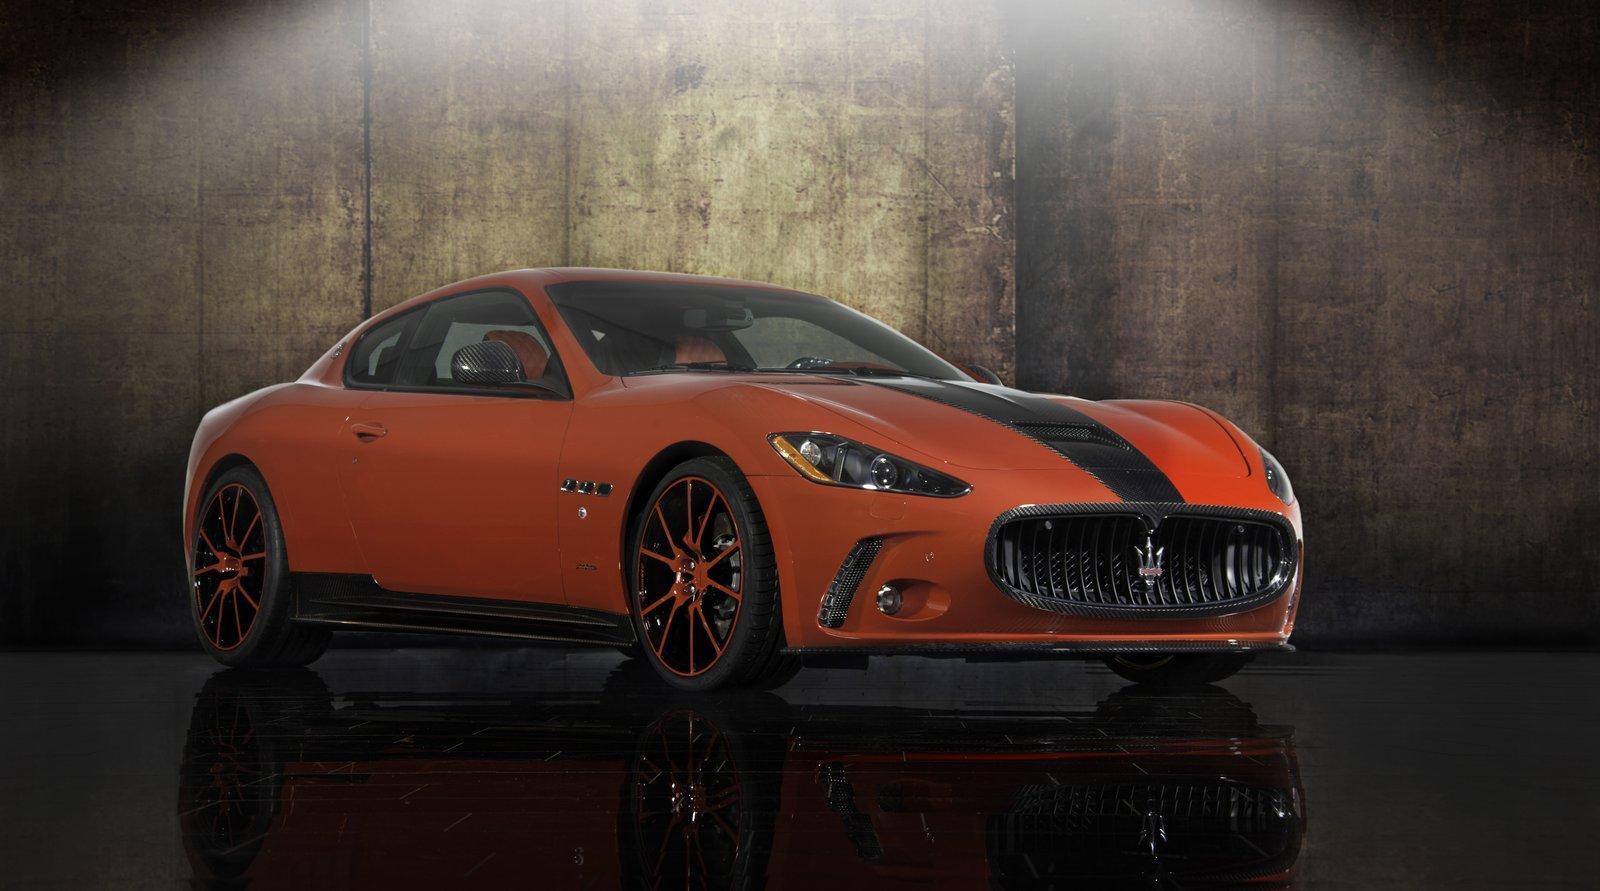 2010 Maserati GranTurismo S Mansory Concept  NEW CAR USED ...